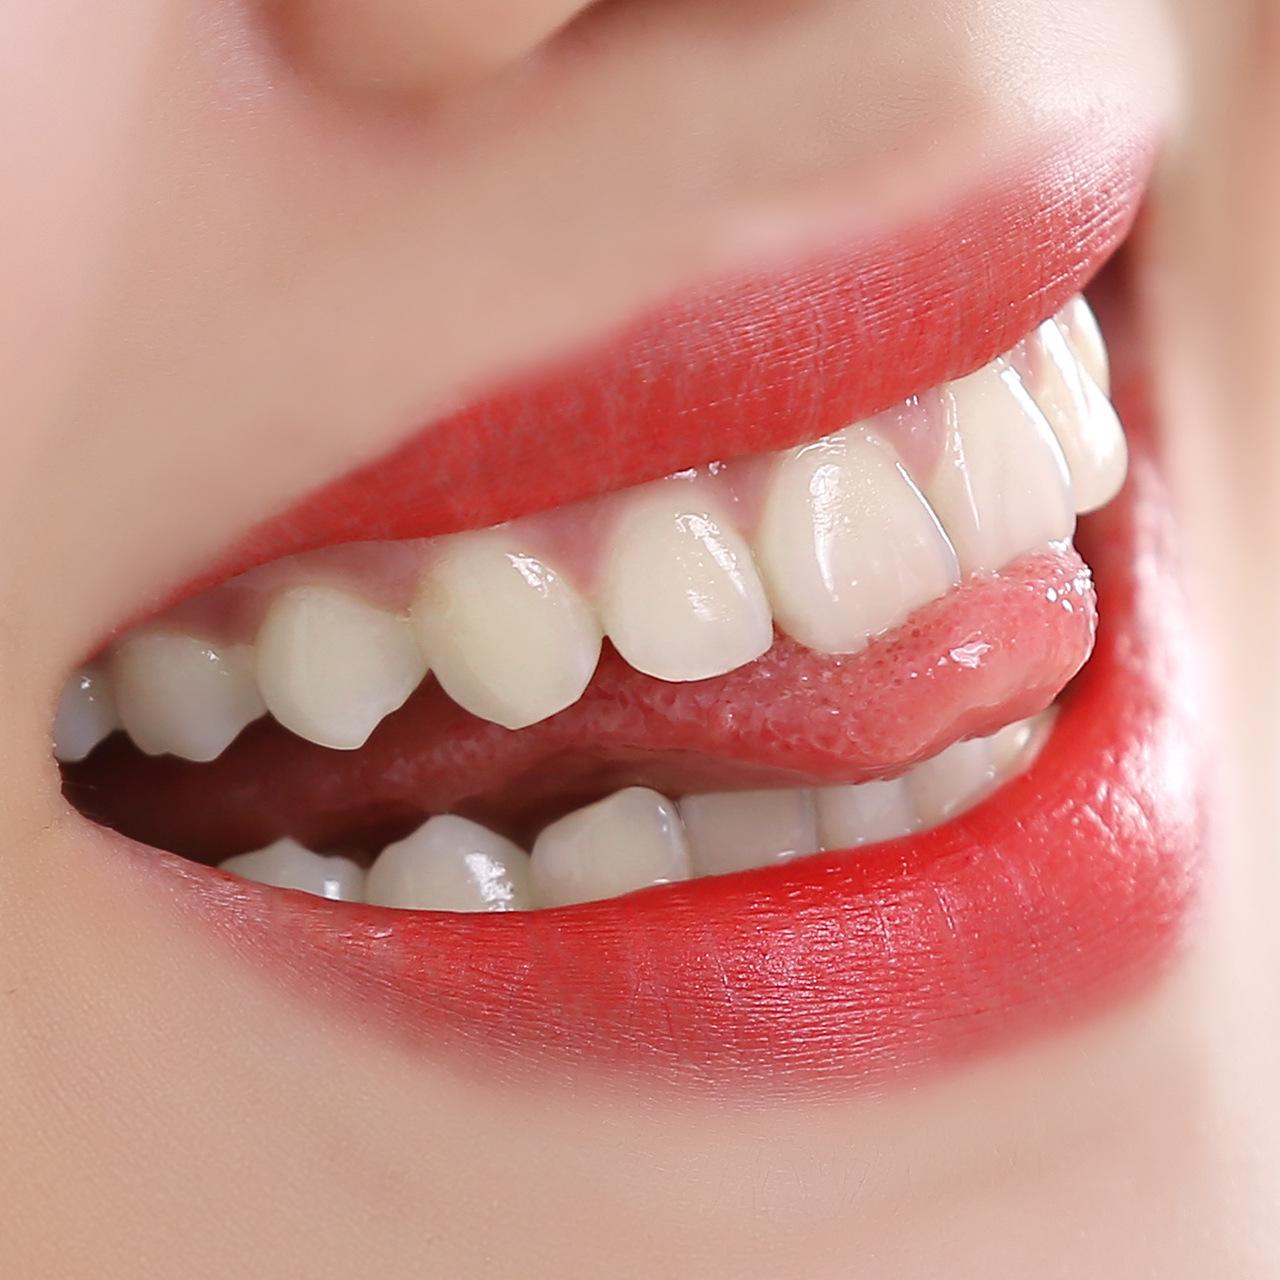 【去烟渍牙渍洗牙粉】一洗白牙齿美白刷牙粉优惠券